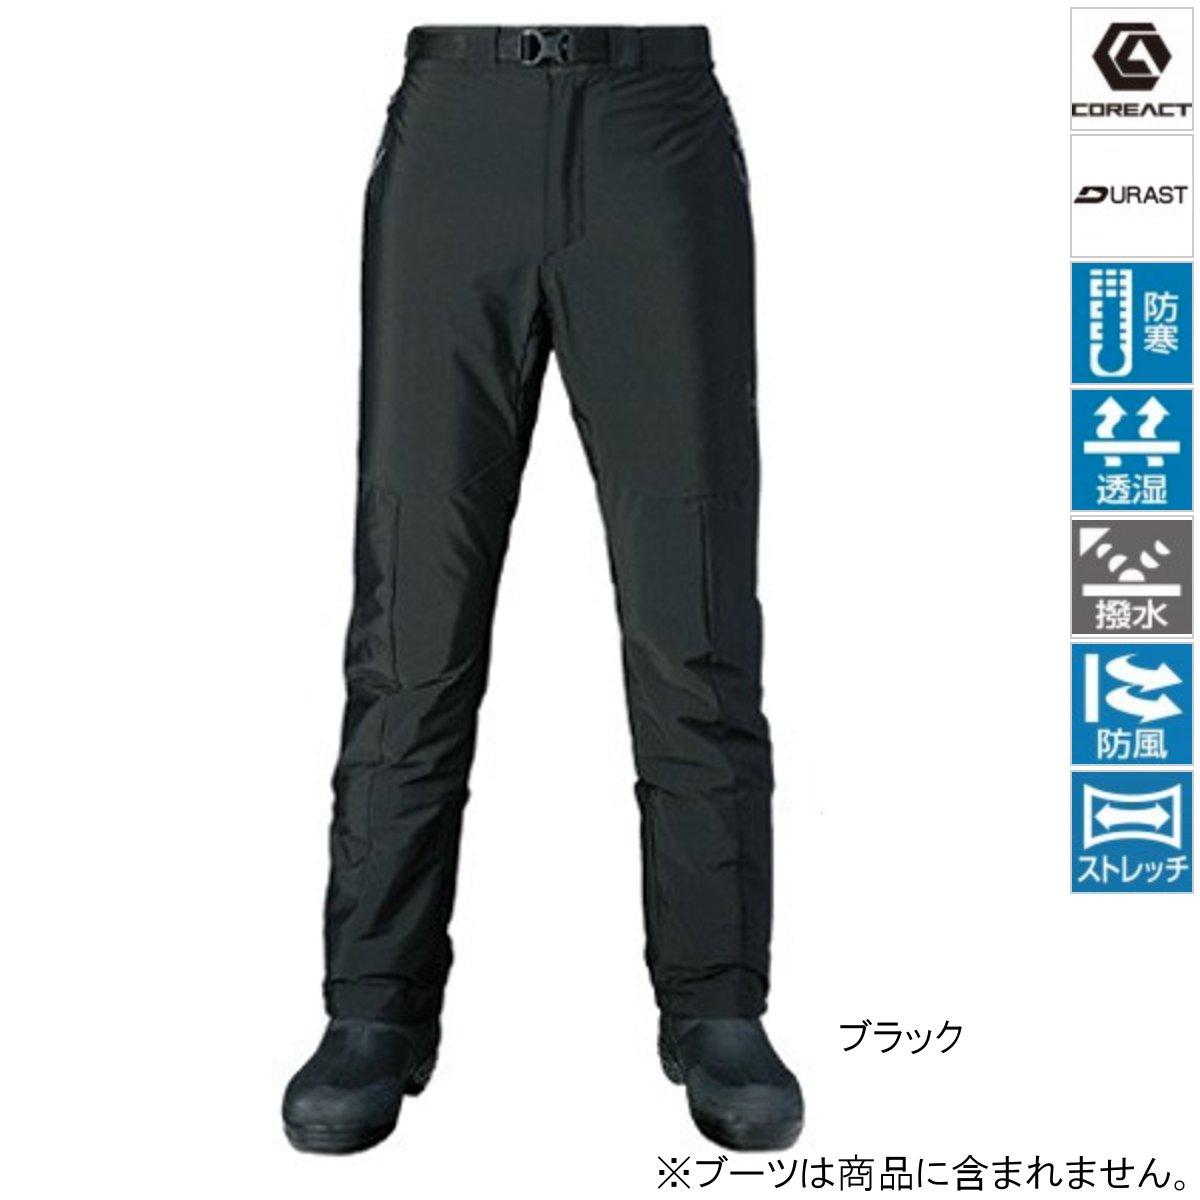 シマノ XEFO ストレッチサーマルパンツ PA-245R L ブラック(東日本店)